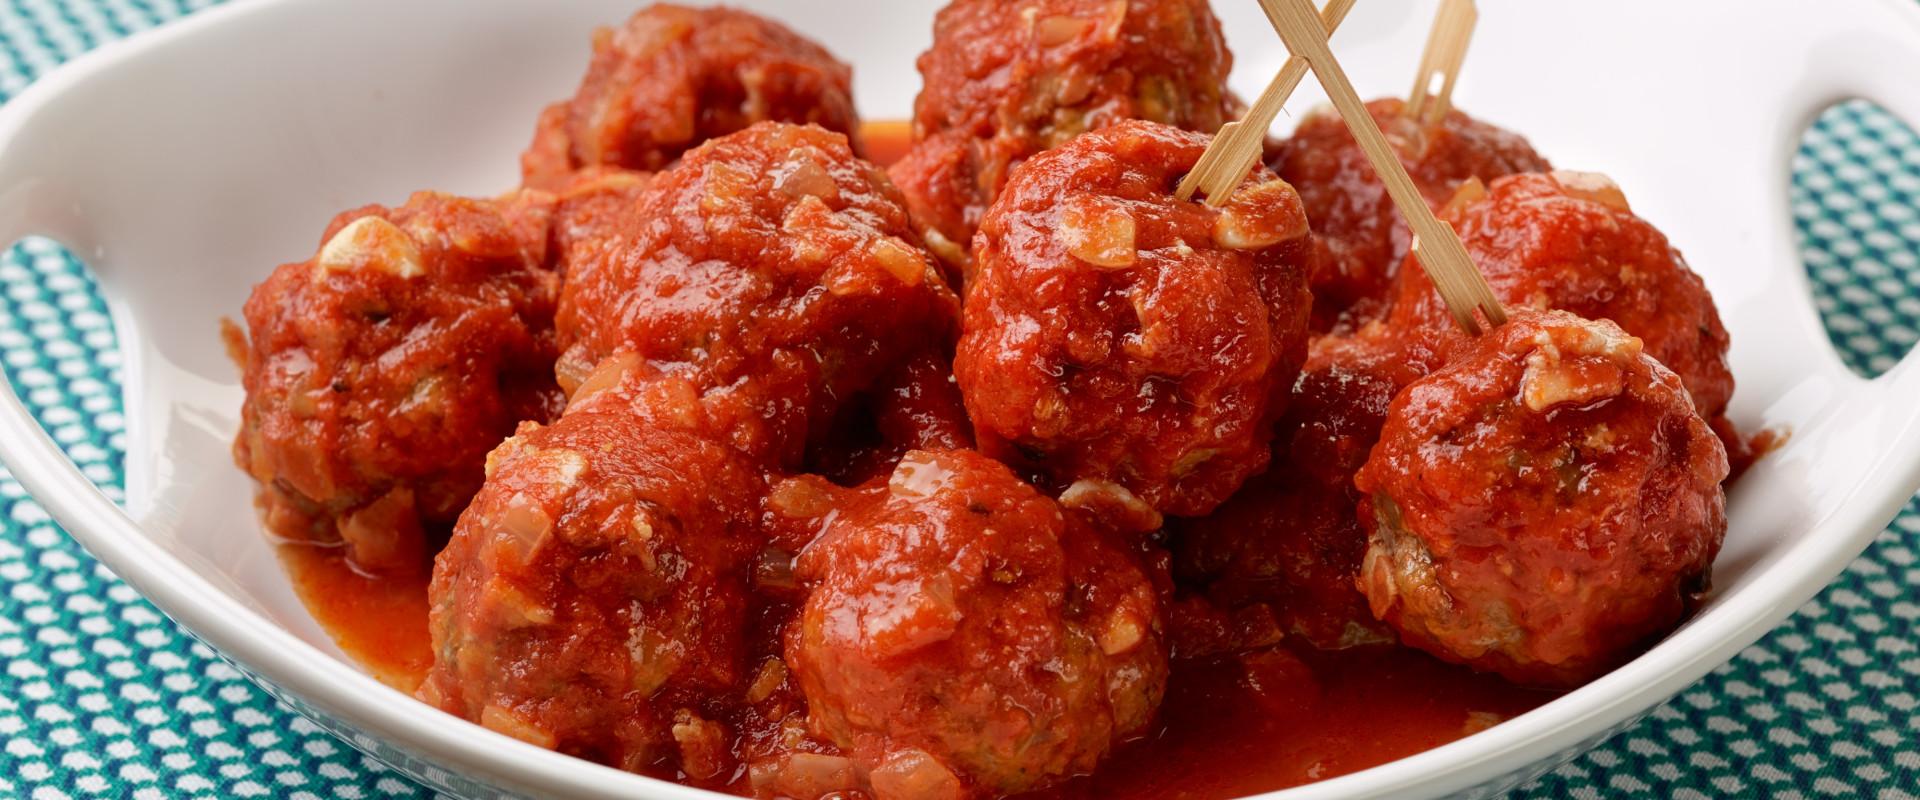 Spaanse gehaktballetjes - Albóndigas con salsa tomate